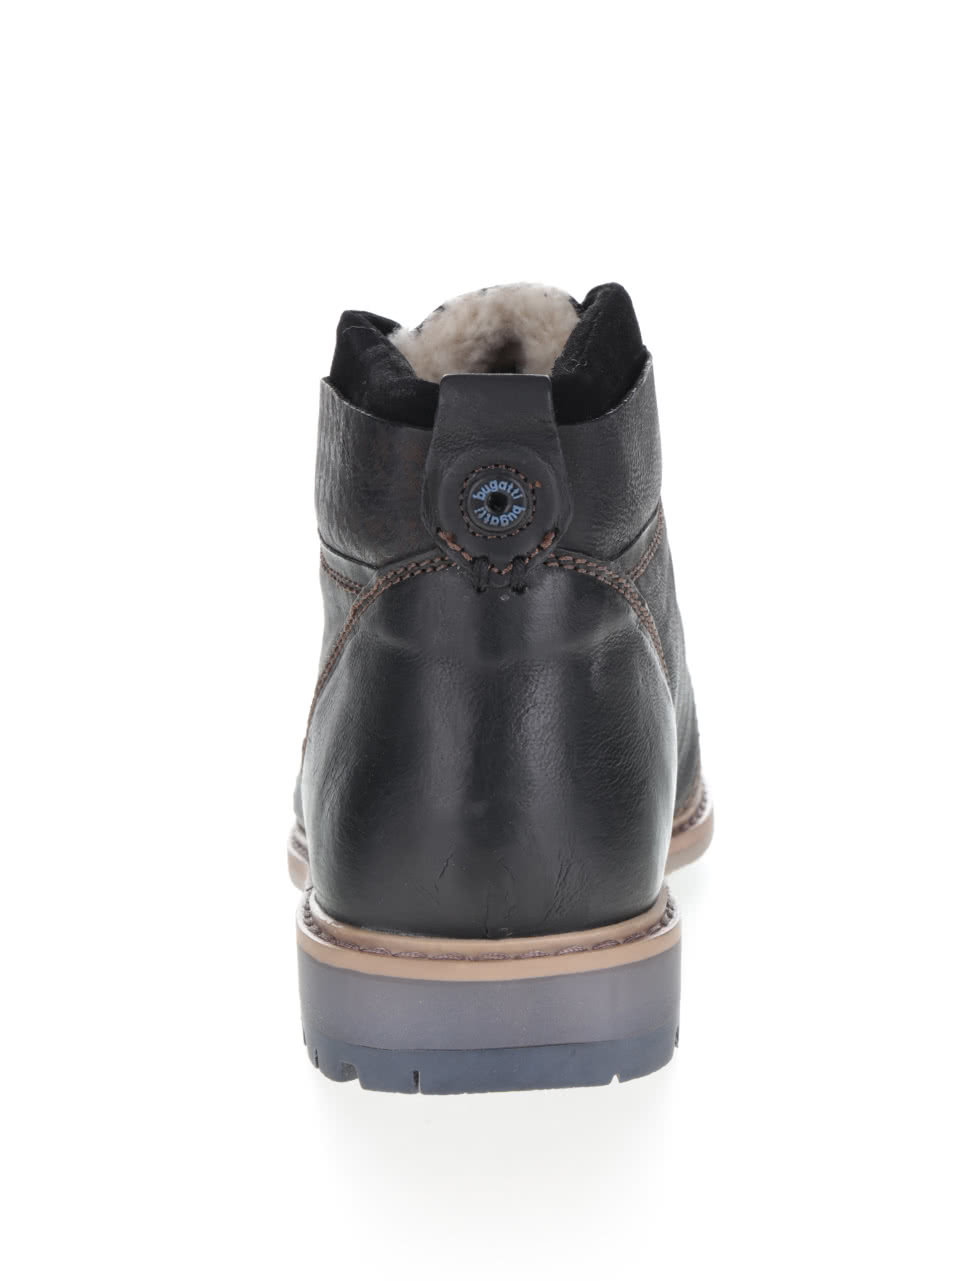 Černé pánské kožené kotníkové boty s umělou kožešinou bugatti Revo ... 0f22375982